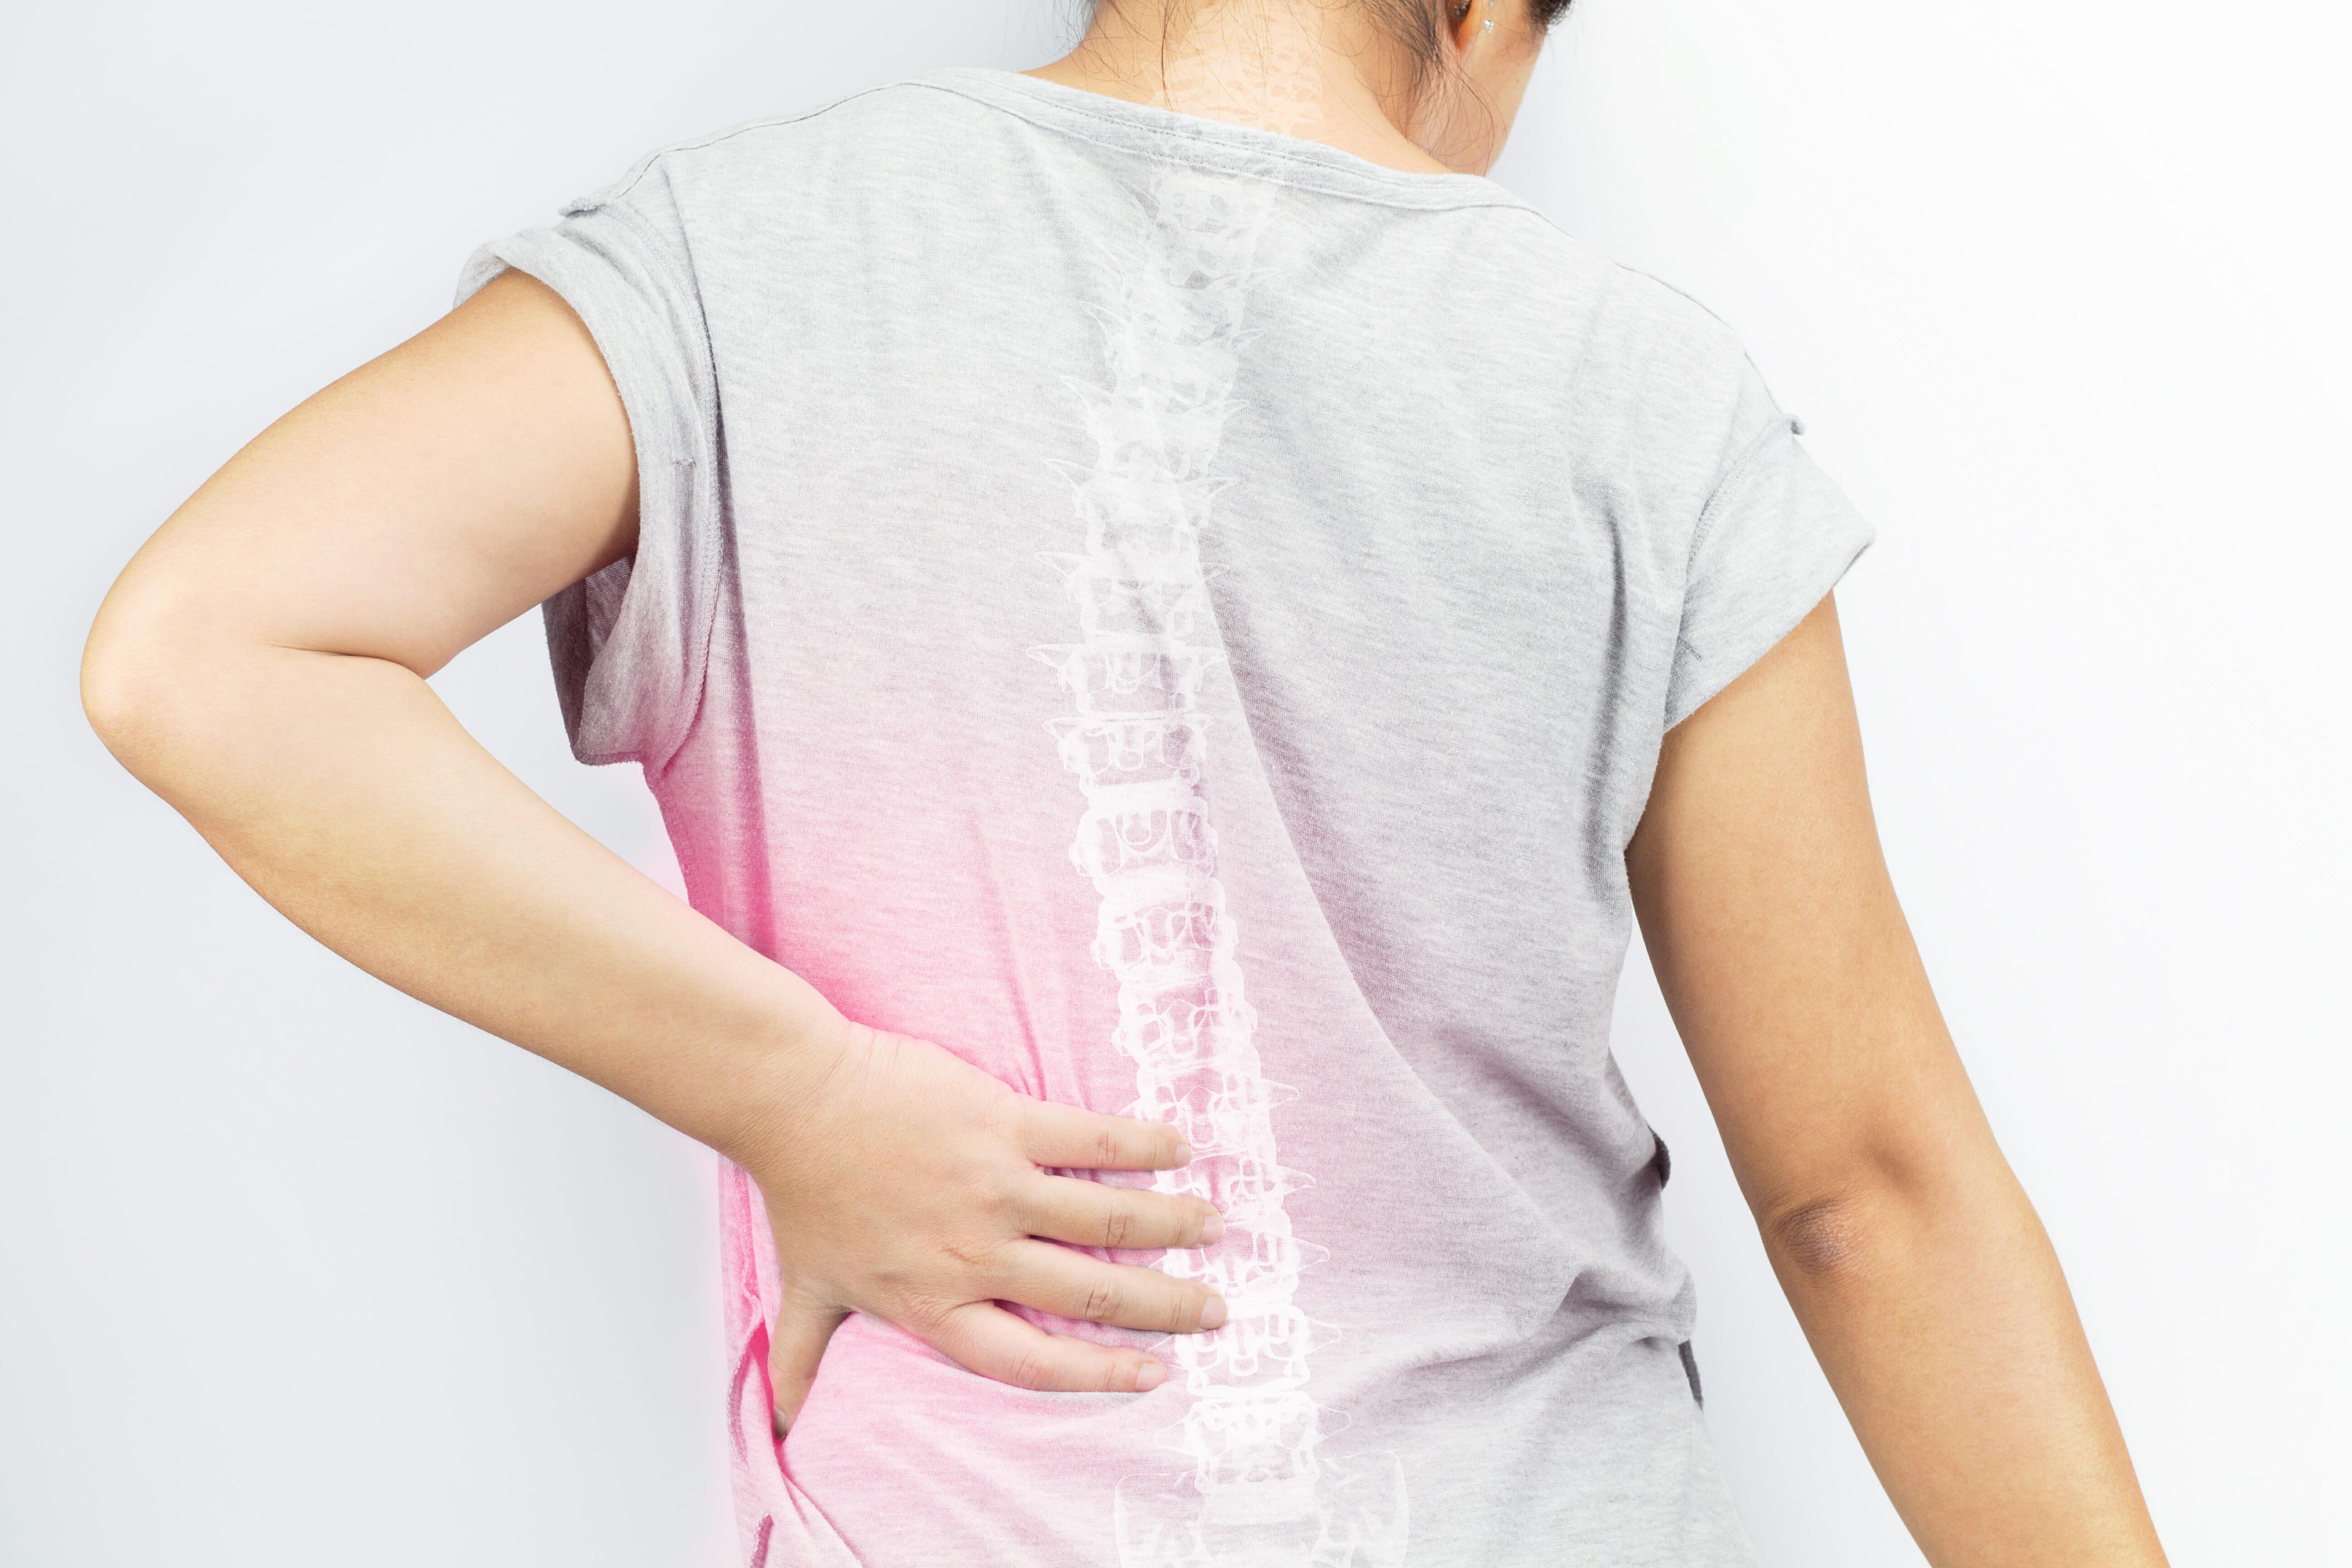 Can My Doctor Break My Back?